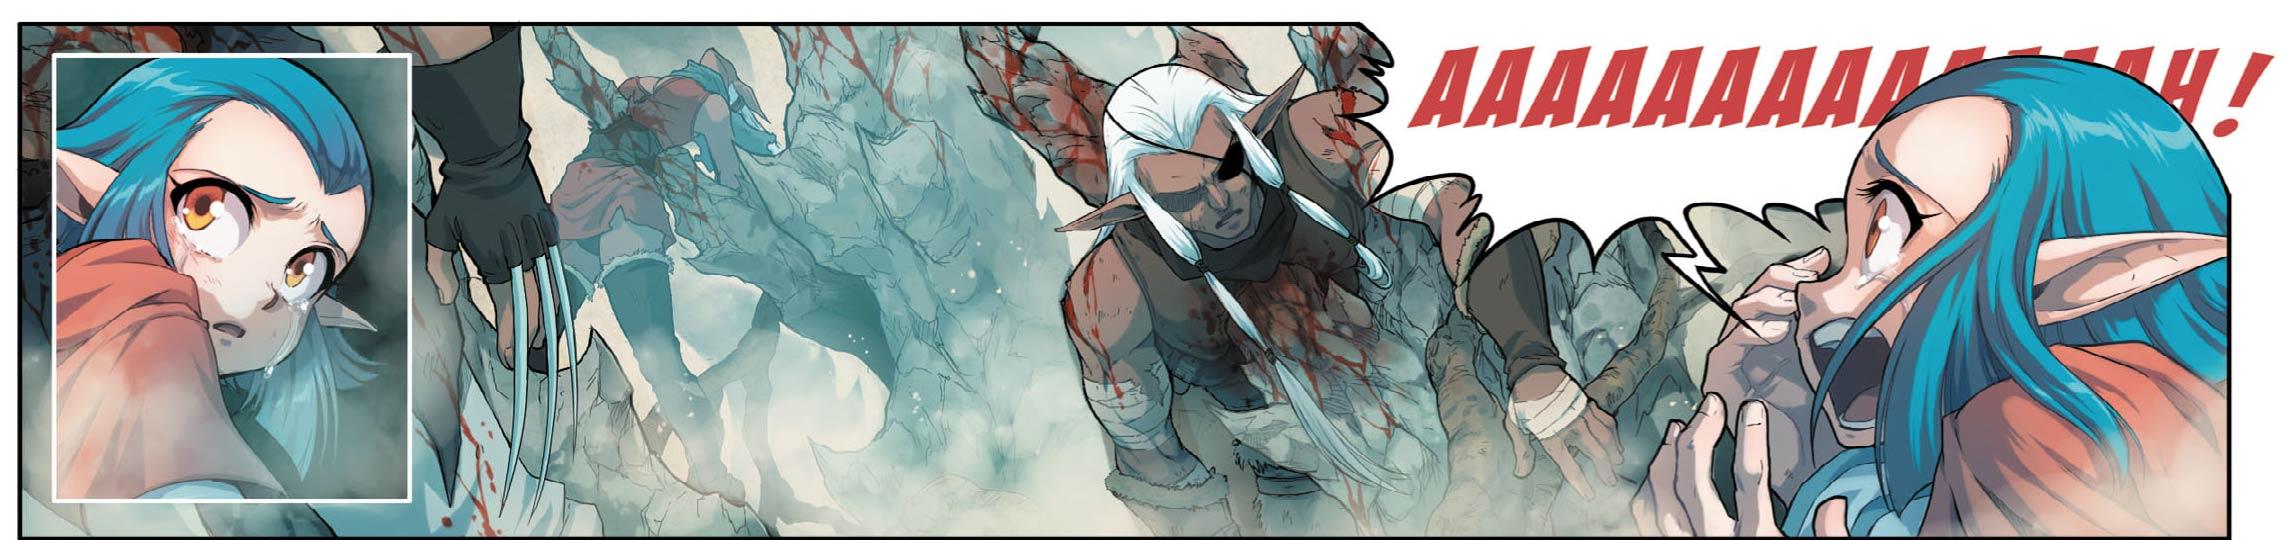 Shimy a tué l'elfe noir qui l'attaquait